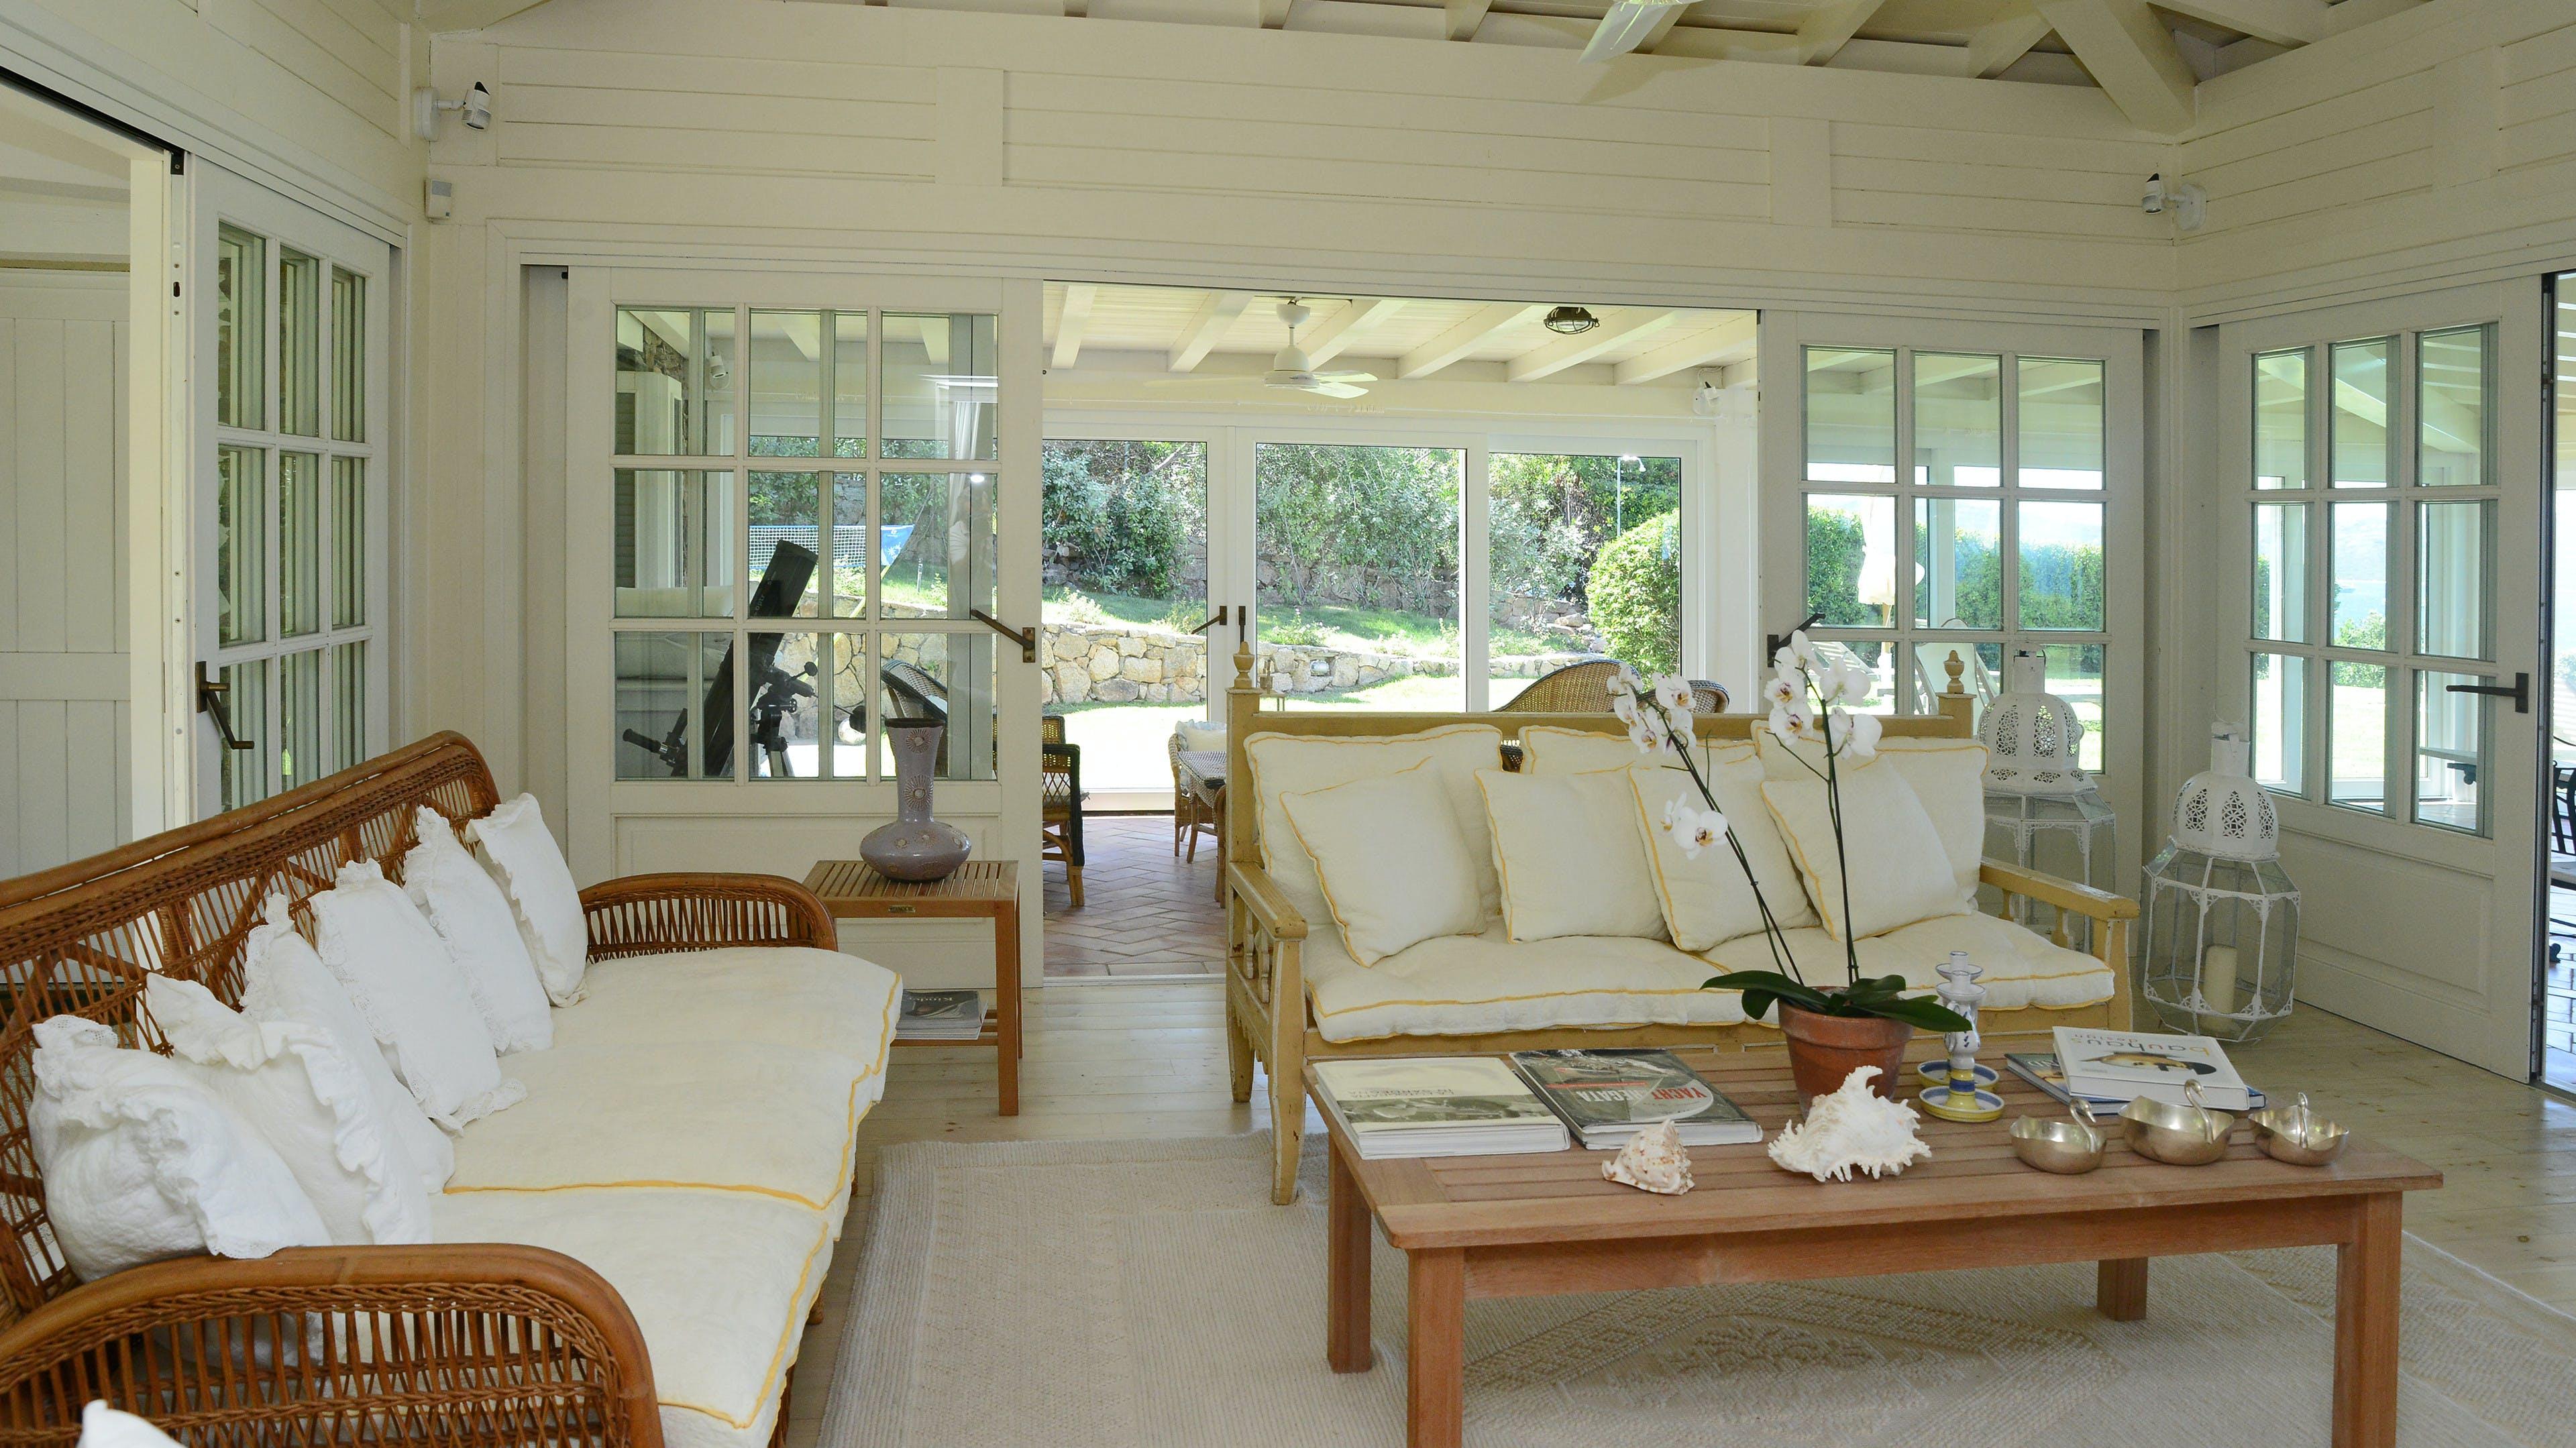 Villa Paradiso, Italy -  - New York City Townhouse Real Estate